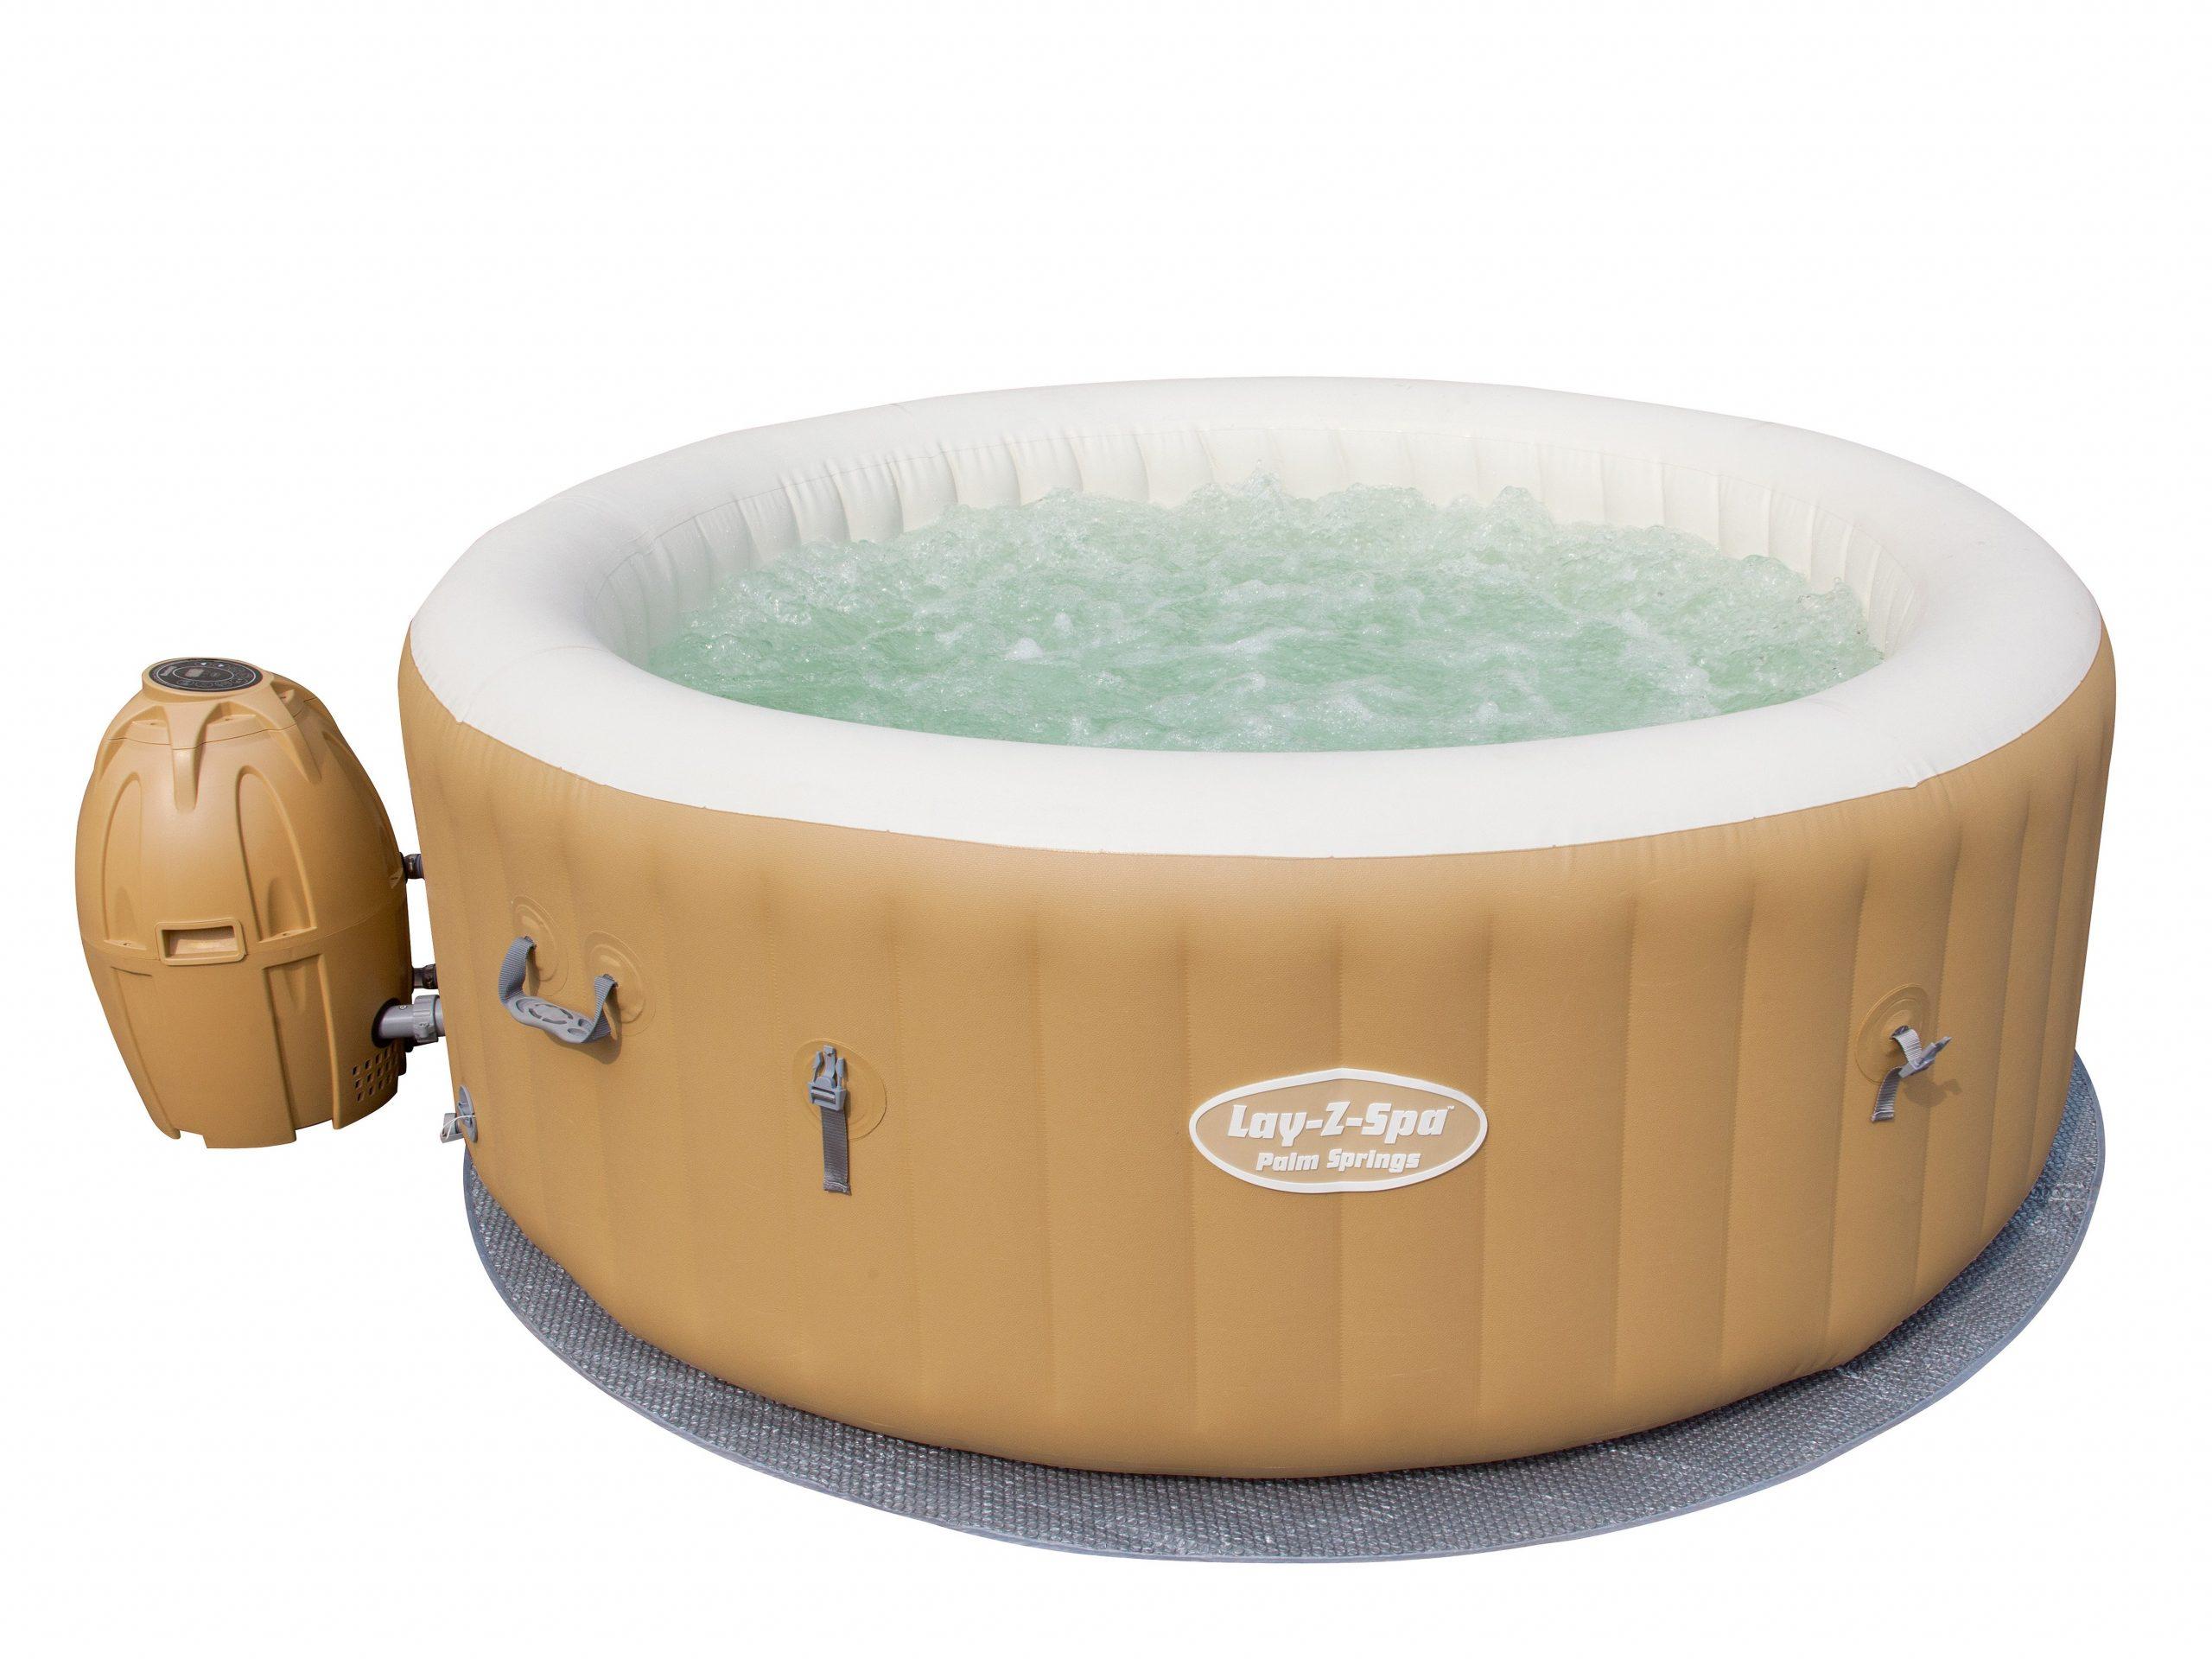 Full Size of Aufblasbare Whirlpool Winterfest Aufblasbar Test 2018 Garten Intex Hornbach Mspa Aufblasbarer Bauhaus Braun Outdoor Palm Springs Belianide Wohnzimmer Whirlpool Aufblasbar